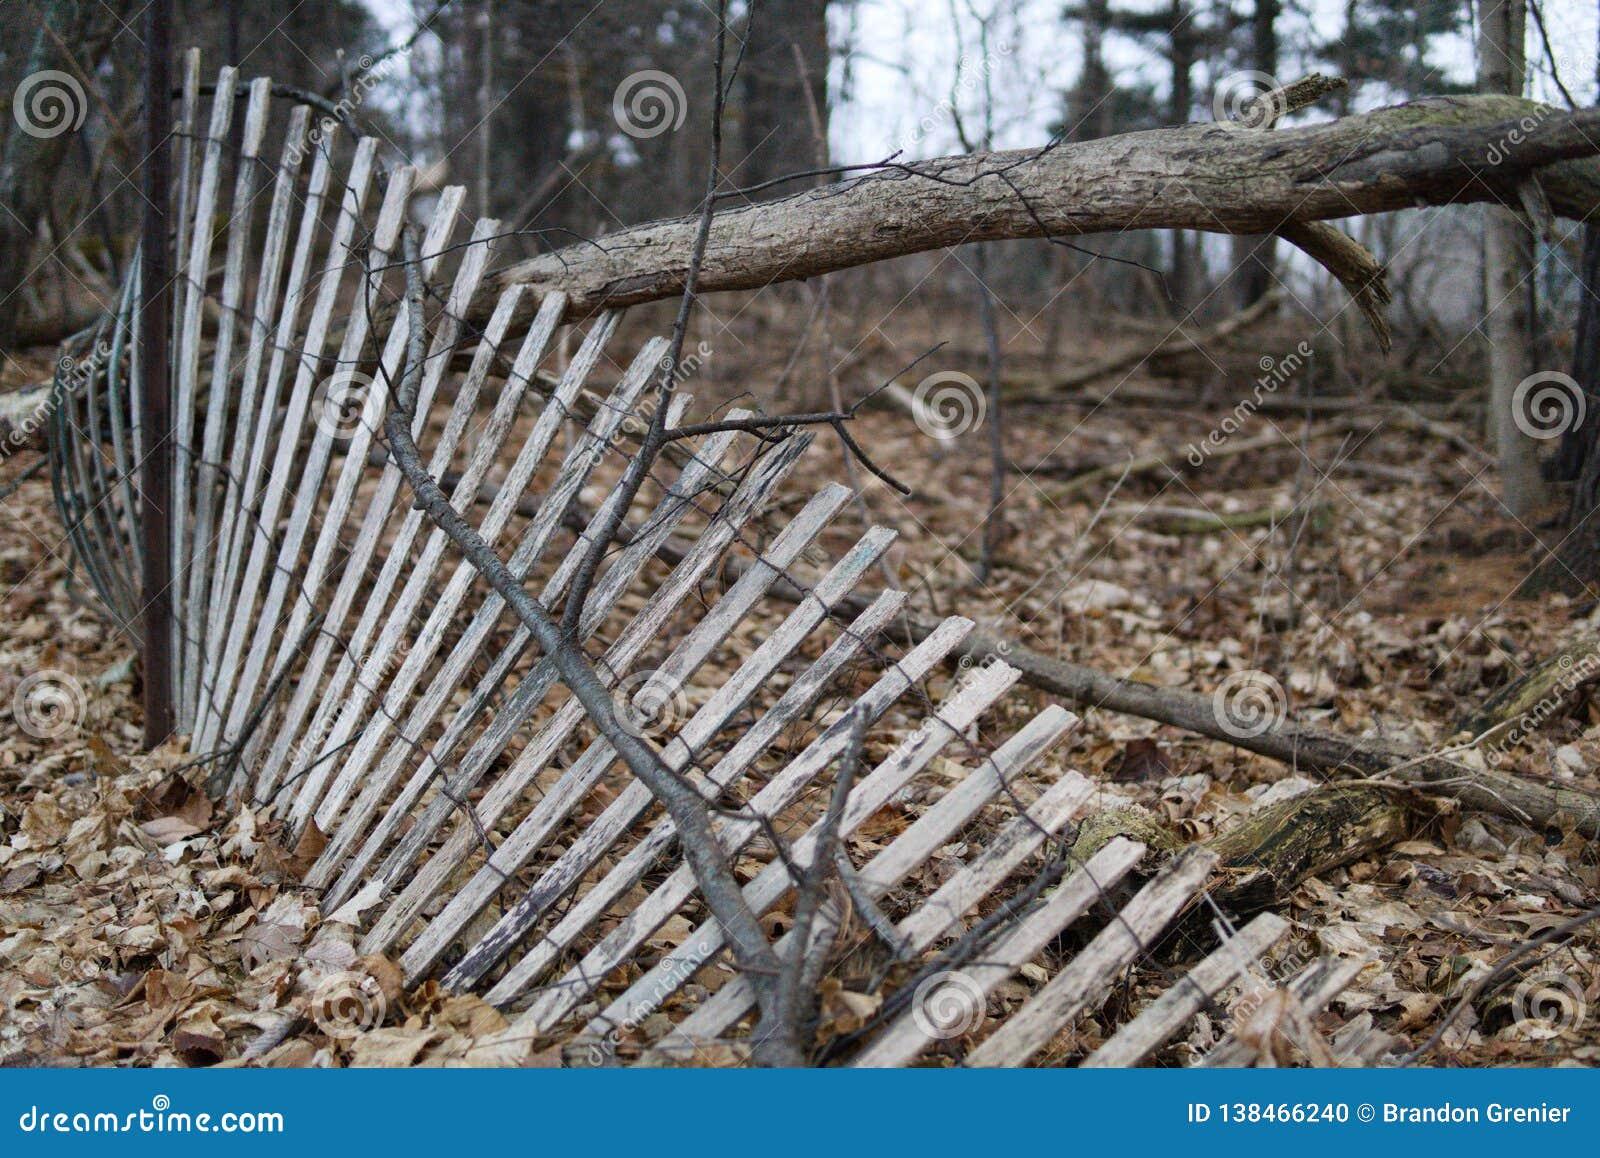 Загородка леса полагаясь и падая